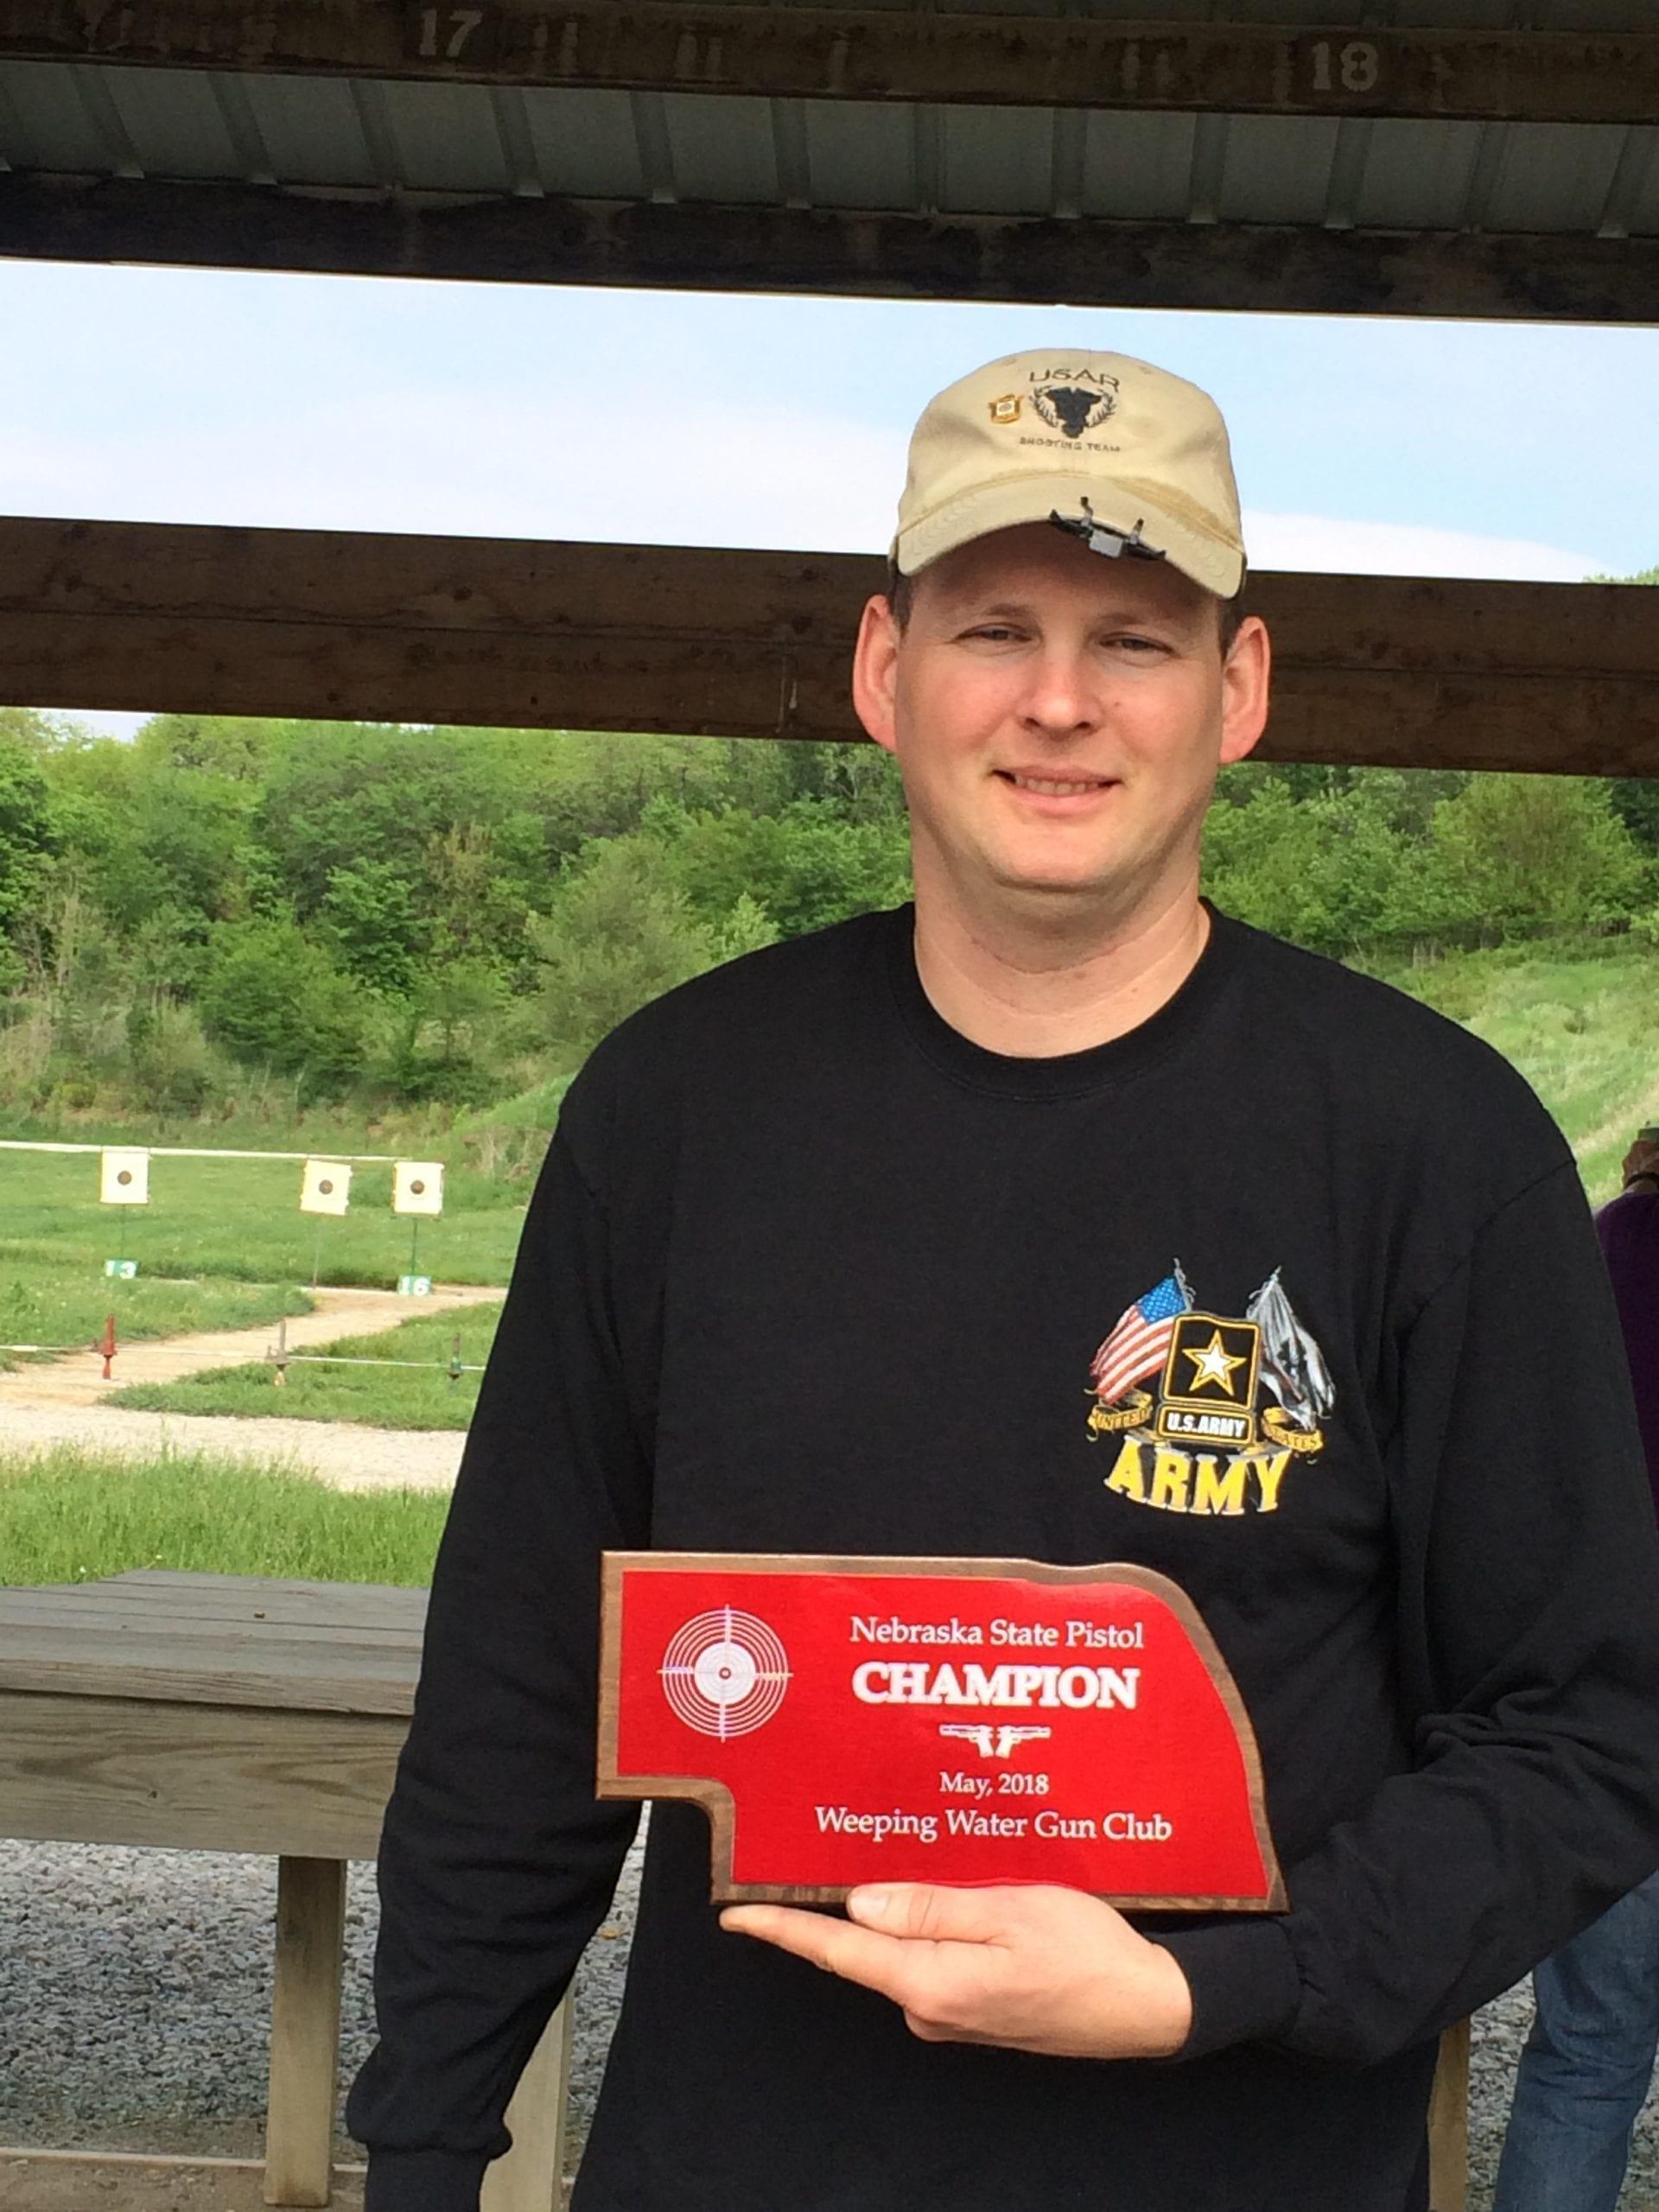 State Pistol Champion Jon Rosemead